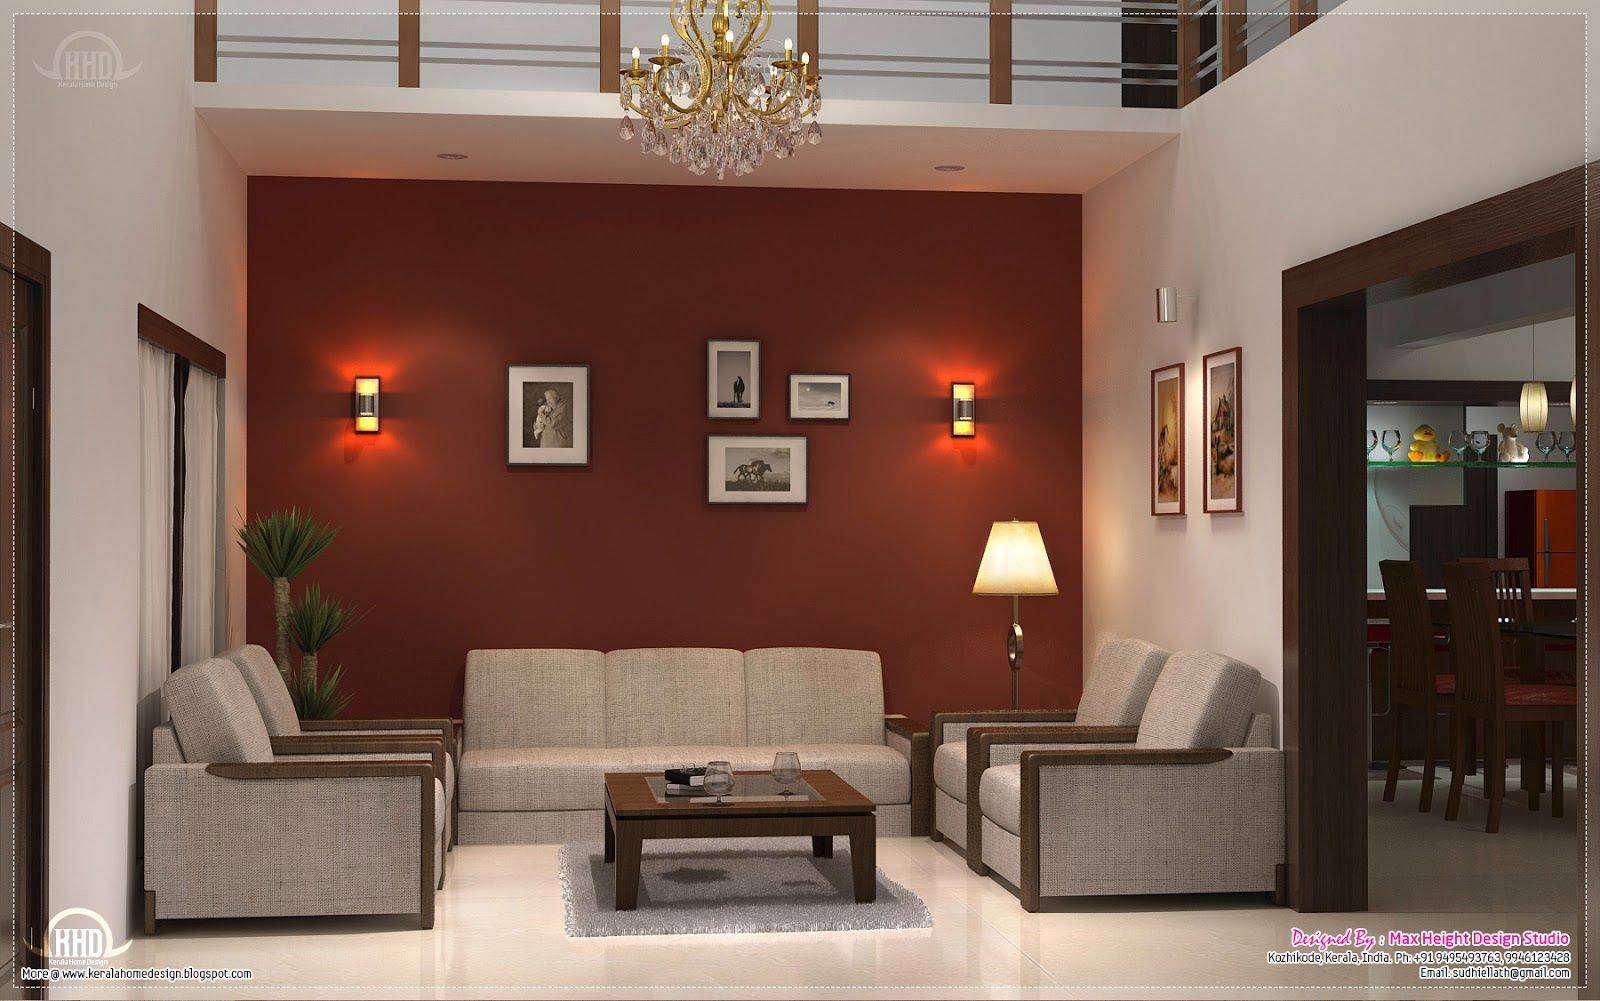 Modren Apartment Interior Design India Of Hall In Indian Hall Interior Design Interior Design Living Room Indian Interior Design